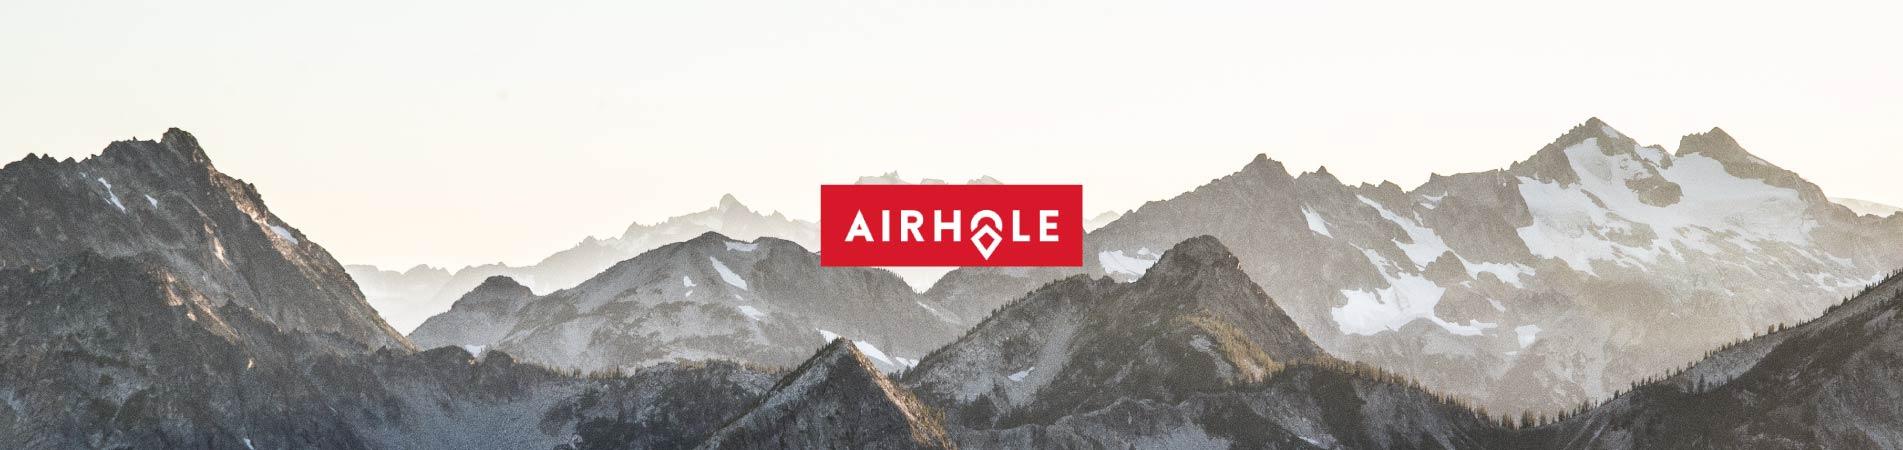 airhole-brand-banner-v1r0.jpg